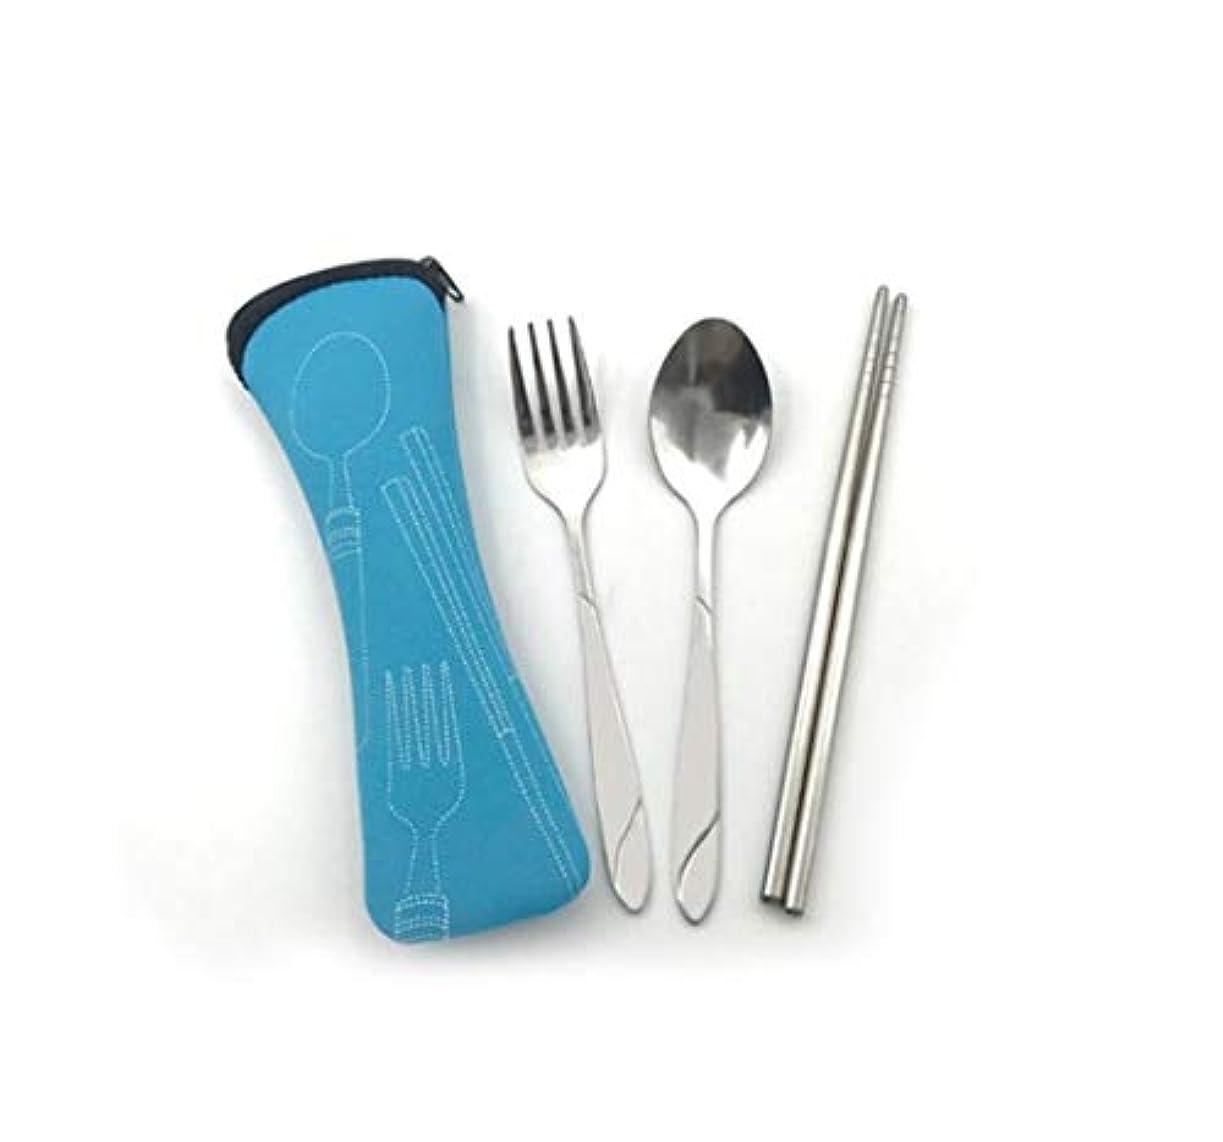 のぞき穴エンジニアリング精巧なステンレス鋼カトラリーセット、ステンレス鋼カトラリースリーピースポータブル箸フォークスプーンセット、学生の事務作業に適した使い捨て (Color : Blue, Size : 20.5*7cm)